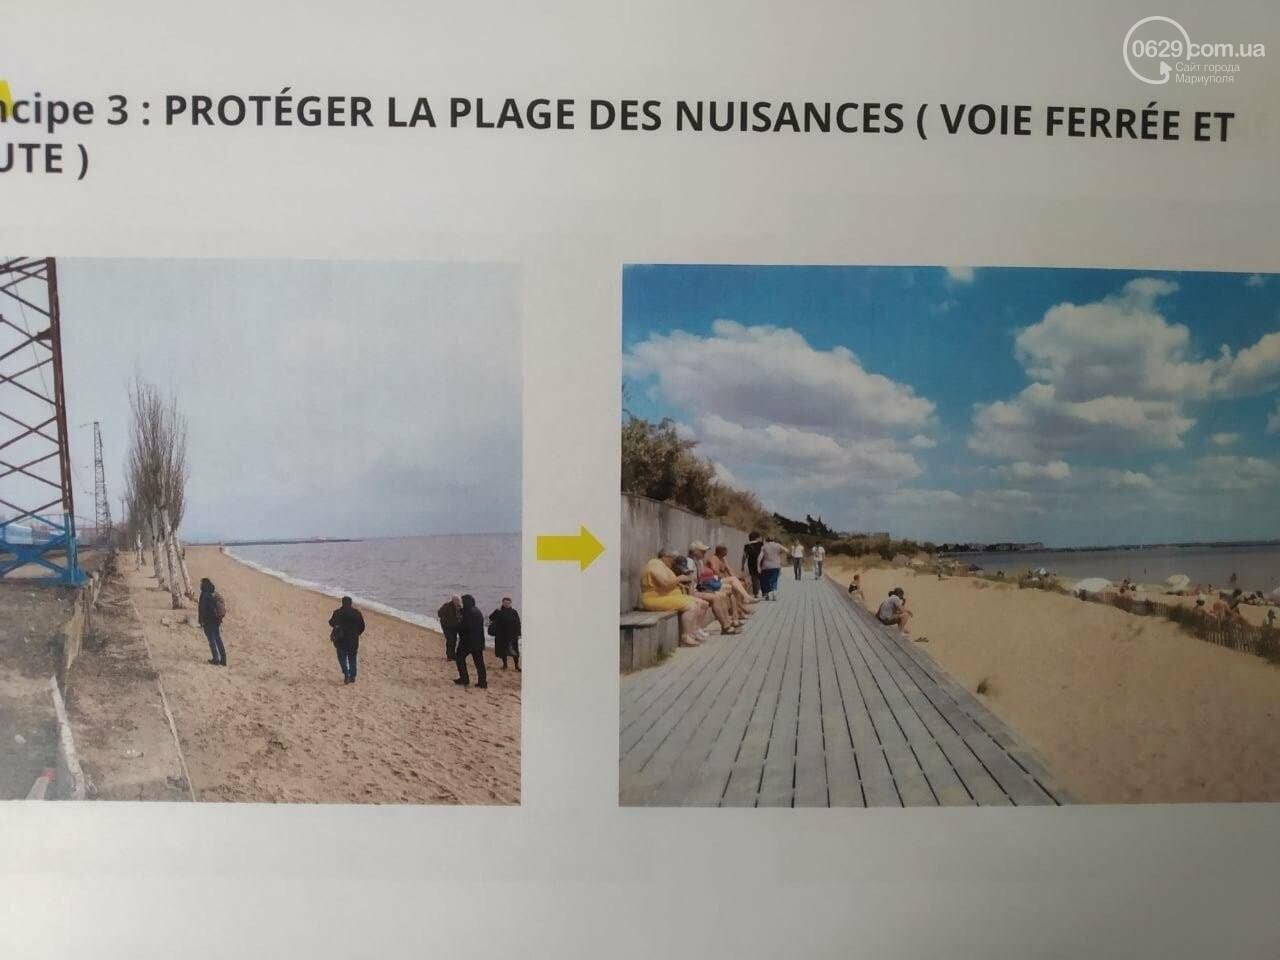 Какими станут мариупольские пляжи. Идеи, предложения, проекты, - ФОТО, фото-10